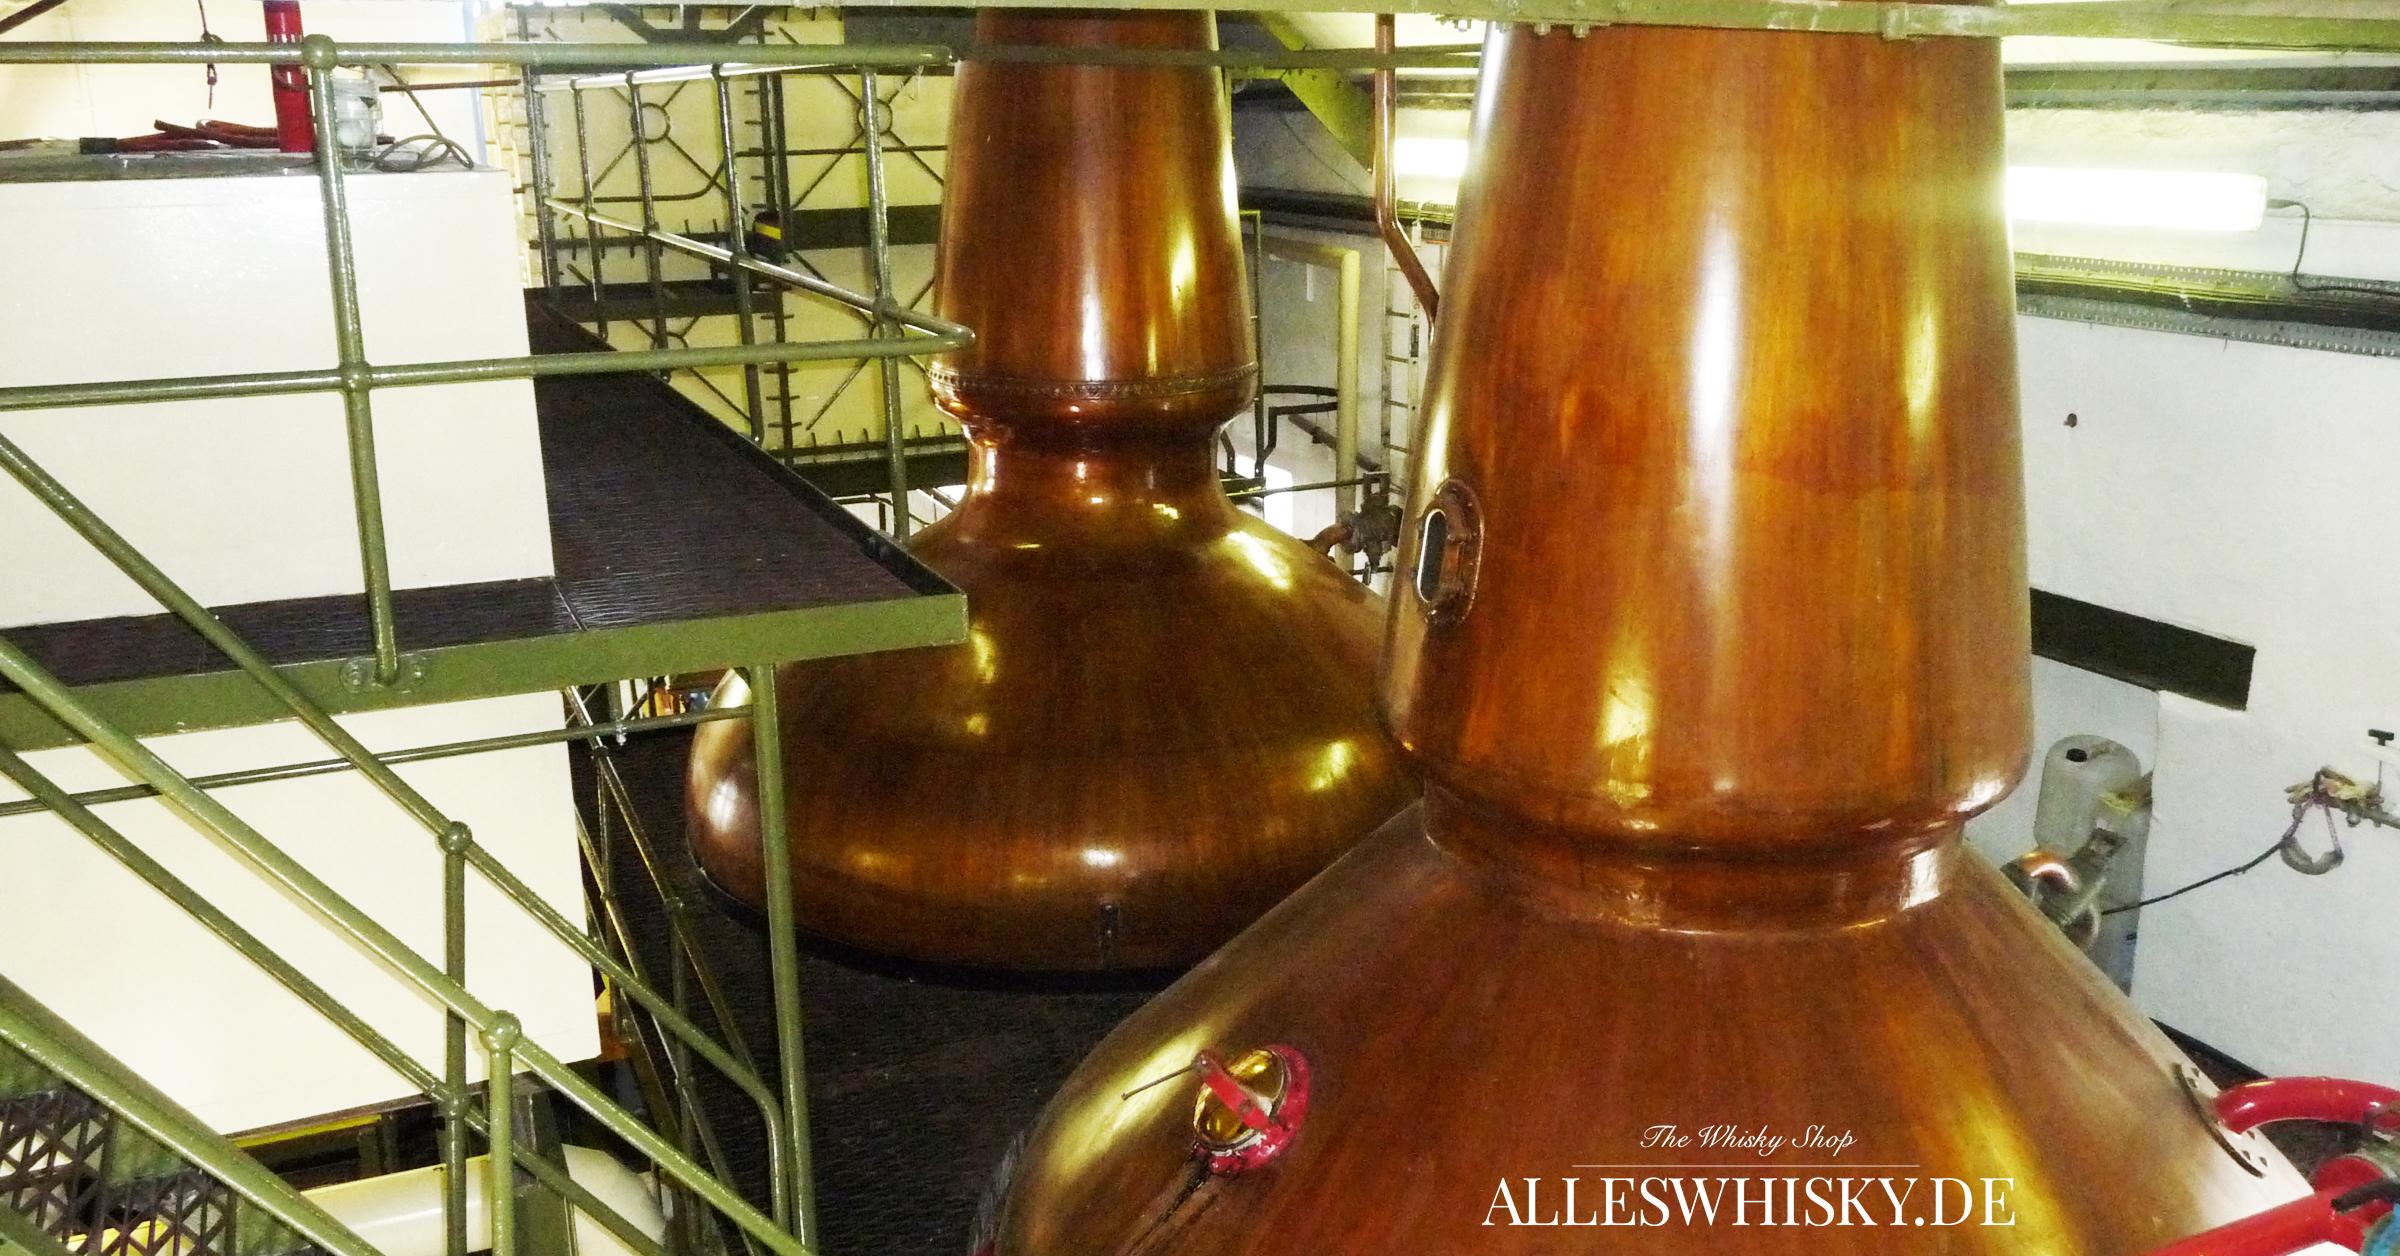 Ardbeg - Das eine Paar an Wash- und Spirit-Still in der Brennerei